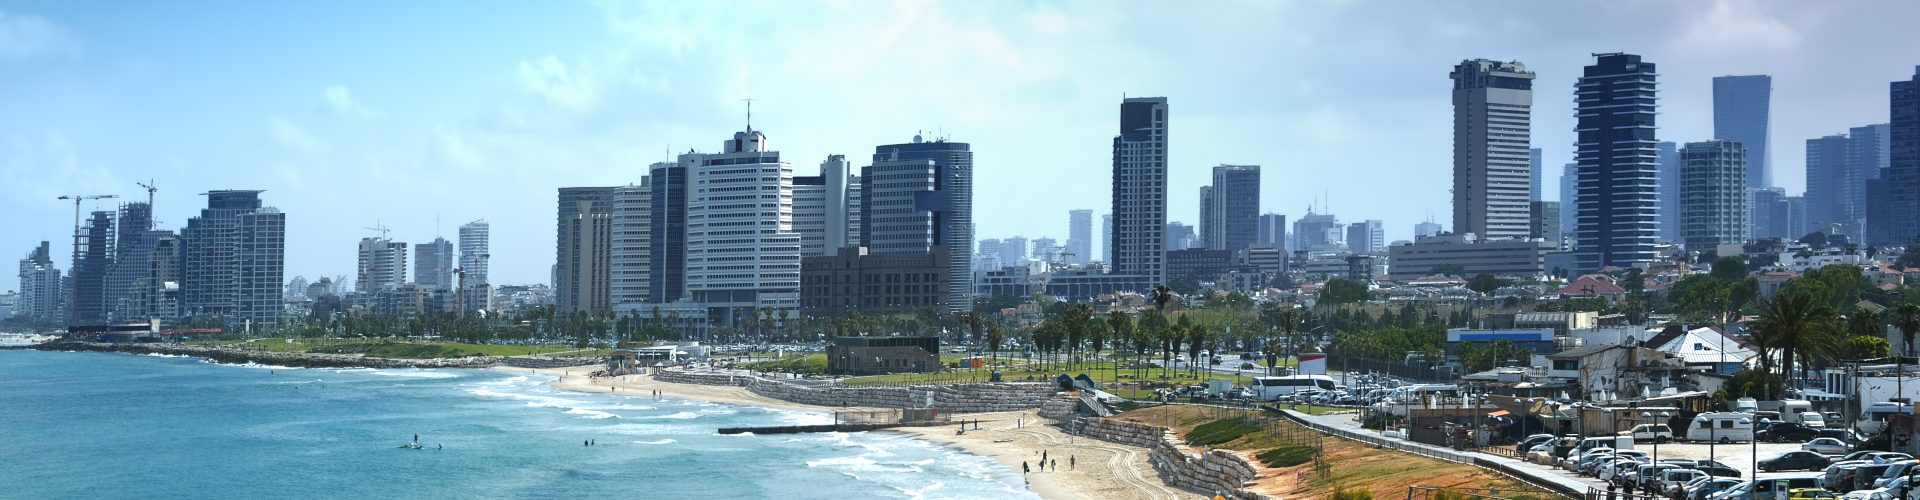 אודות הבורסה לניירות ערך בתל אביב